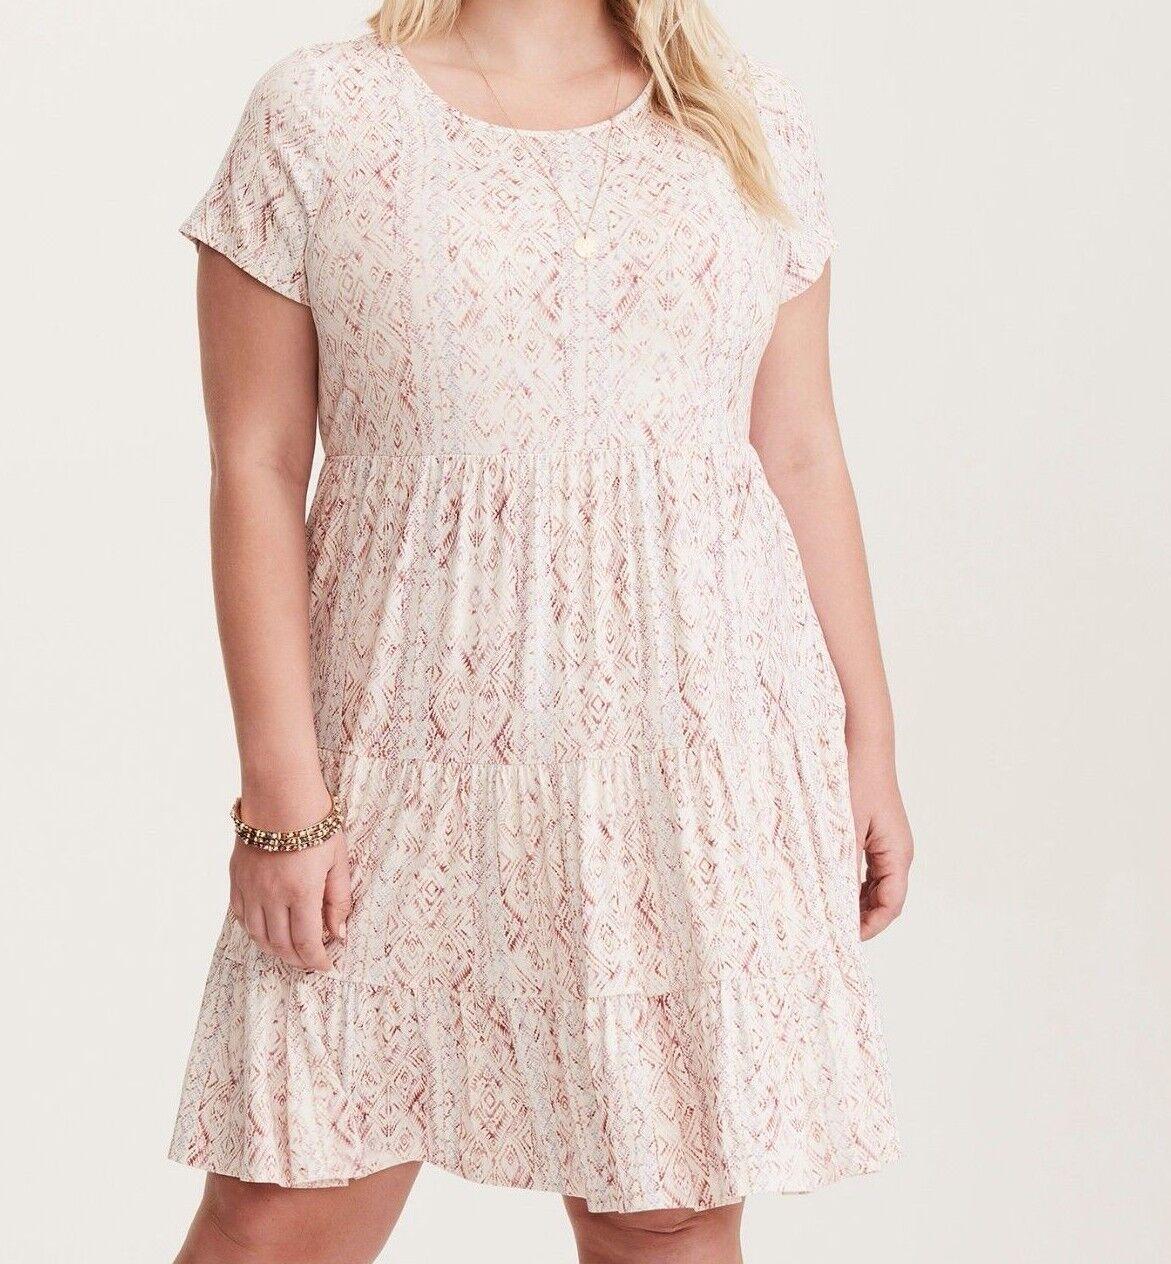 Torrid Multi-Farbe Ikat Print Jersey Babydoll Dress 1X